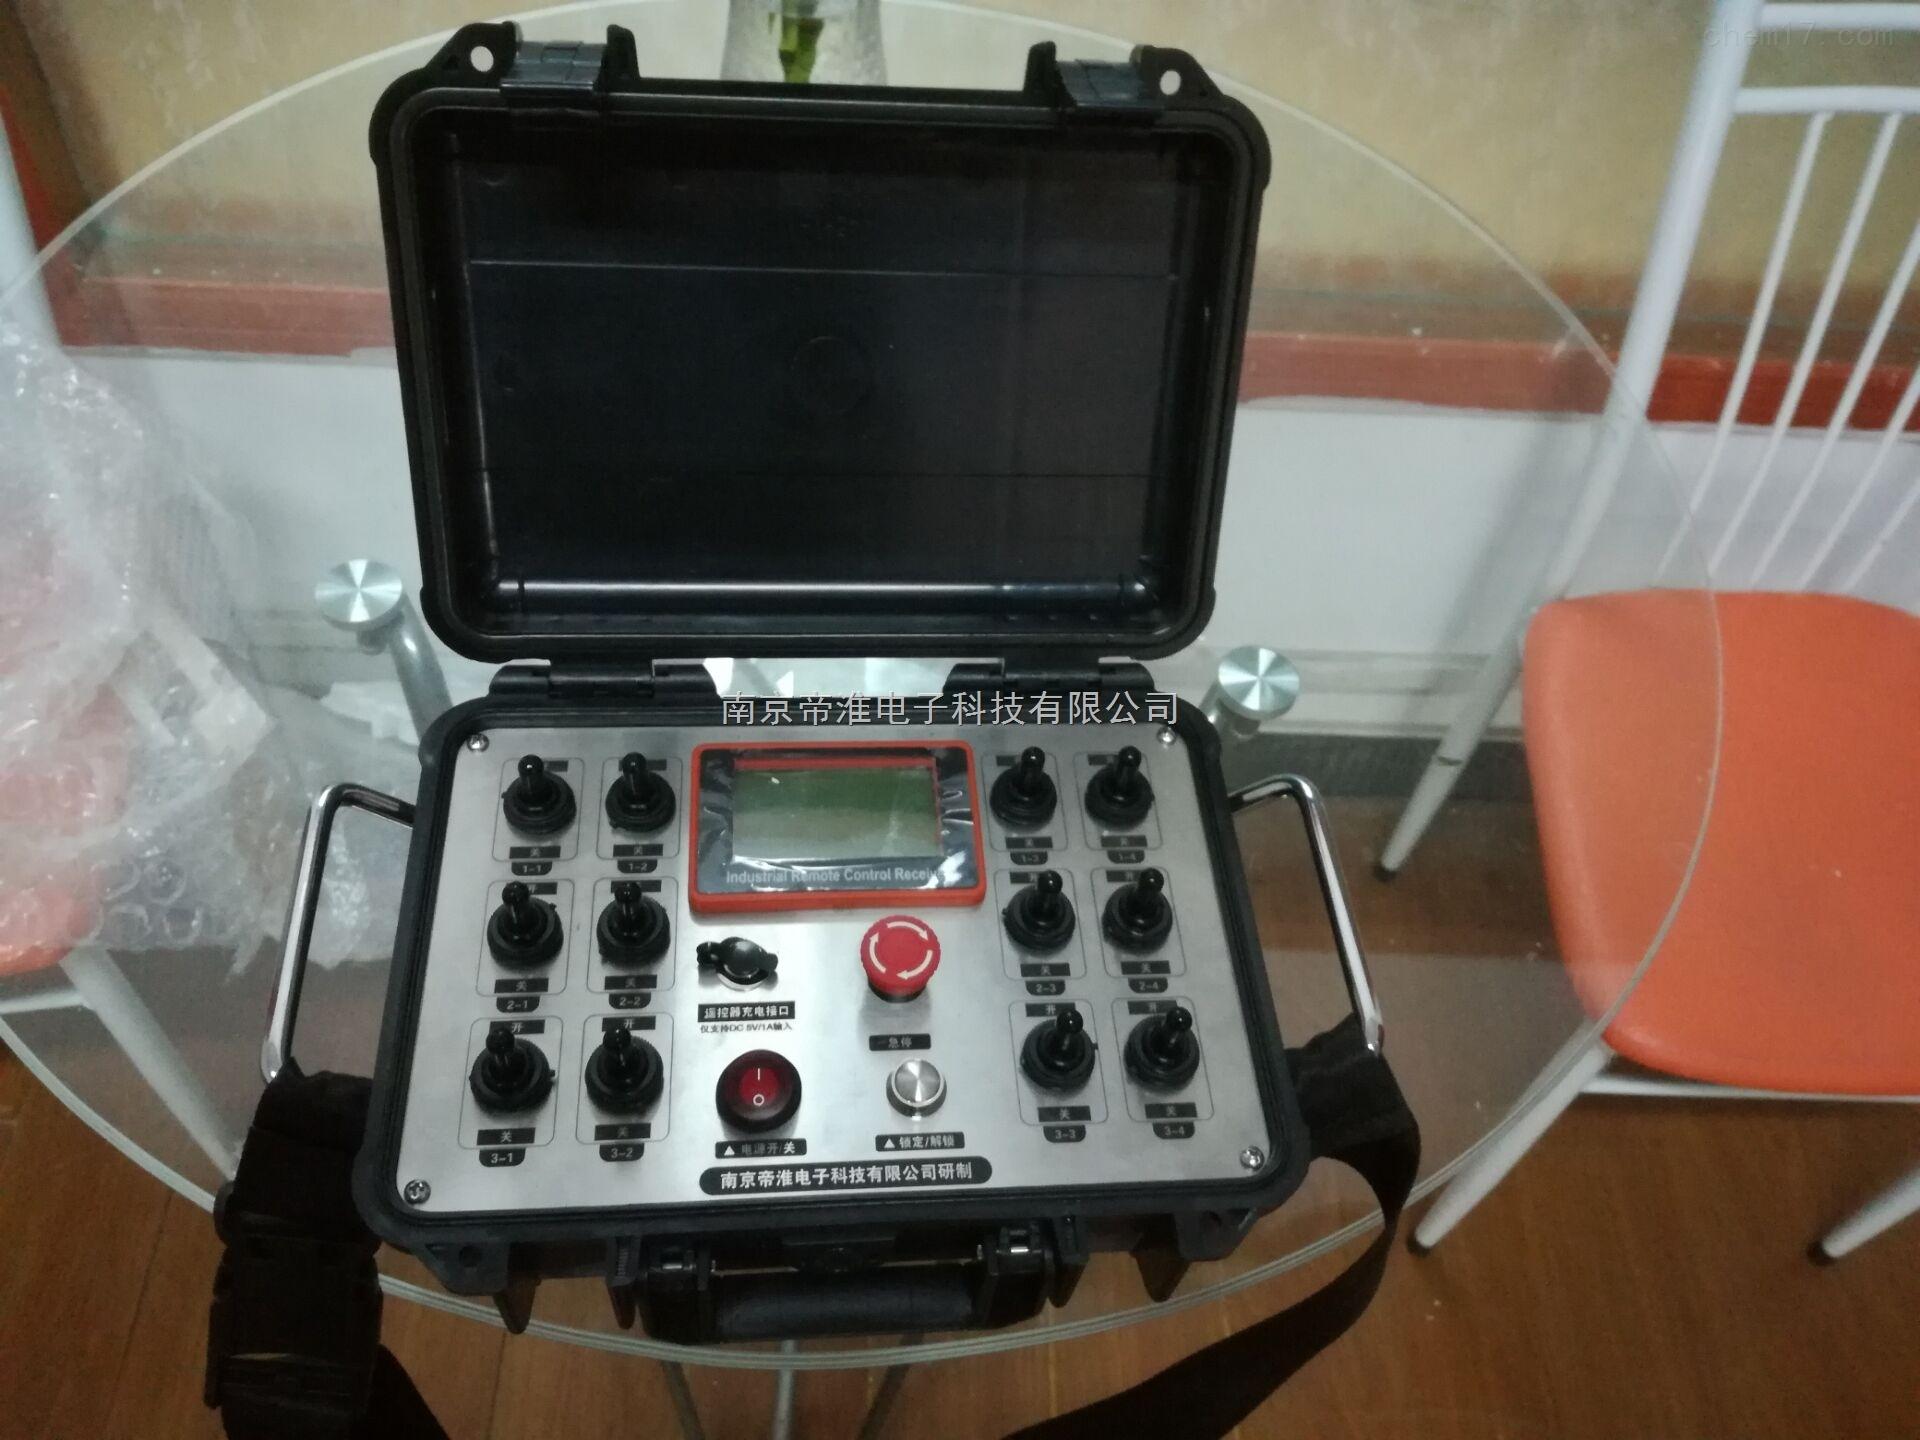 每个按钮对应1个控制回路输出控制,如18路天车无线遥控器,需要布局18